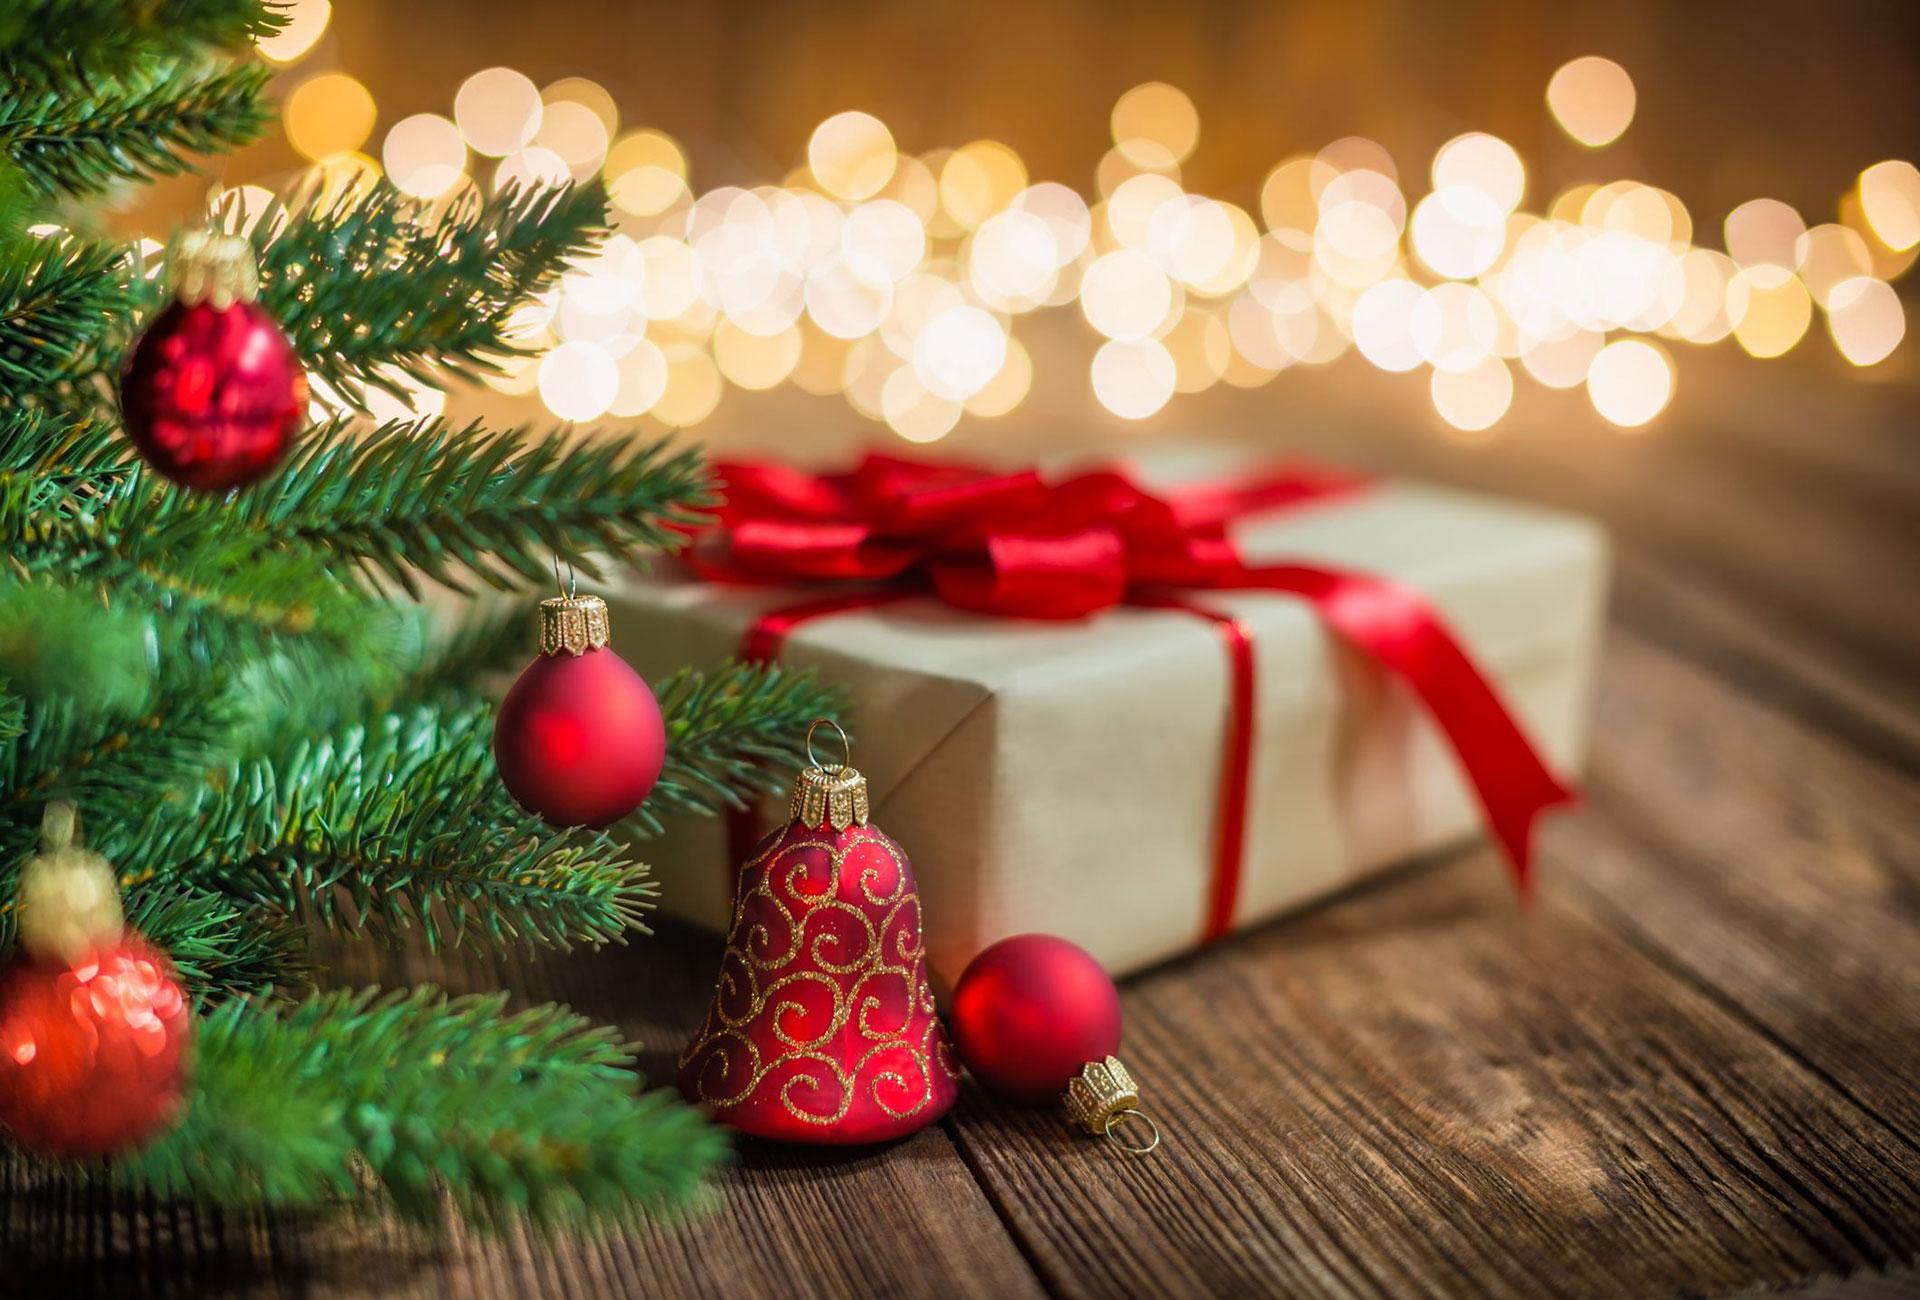 """Видео/ Екипът на ИА """"Региона"""" Ви пожелава Весела Коледа! - Новини от Благоевград"""